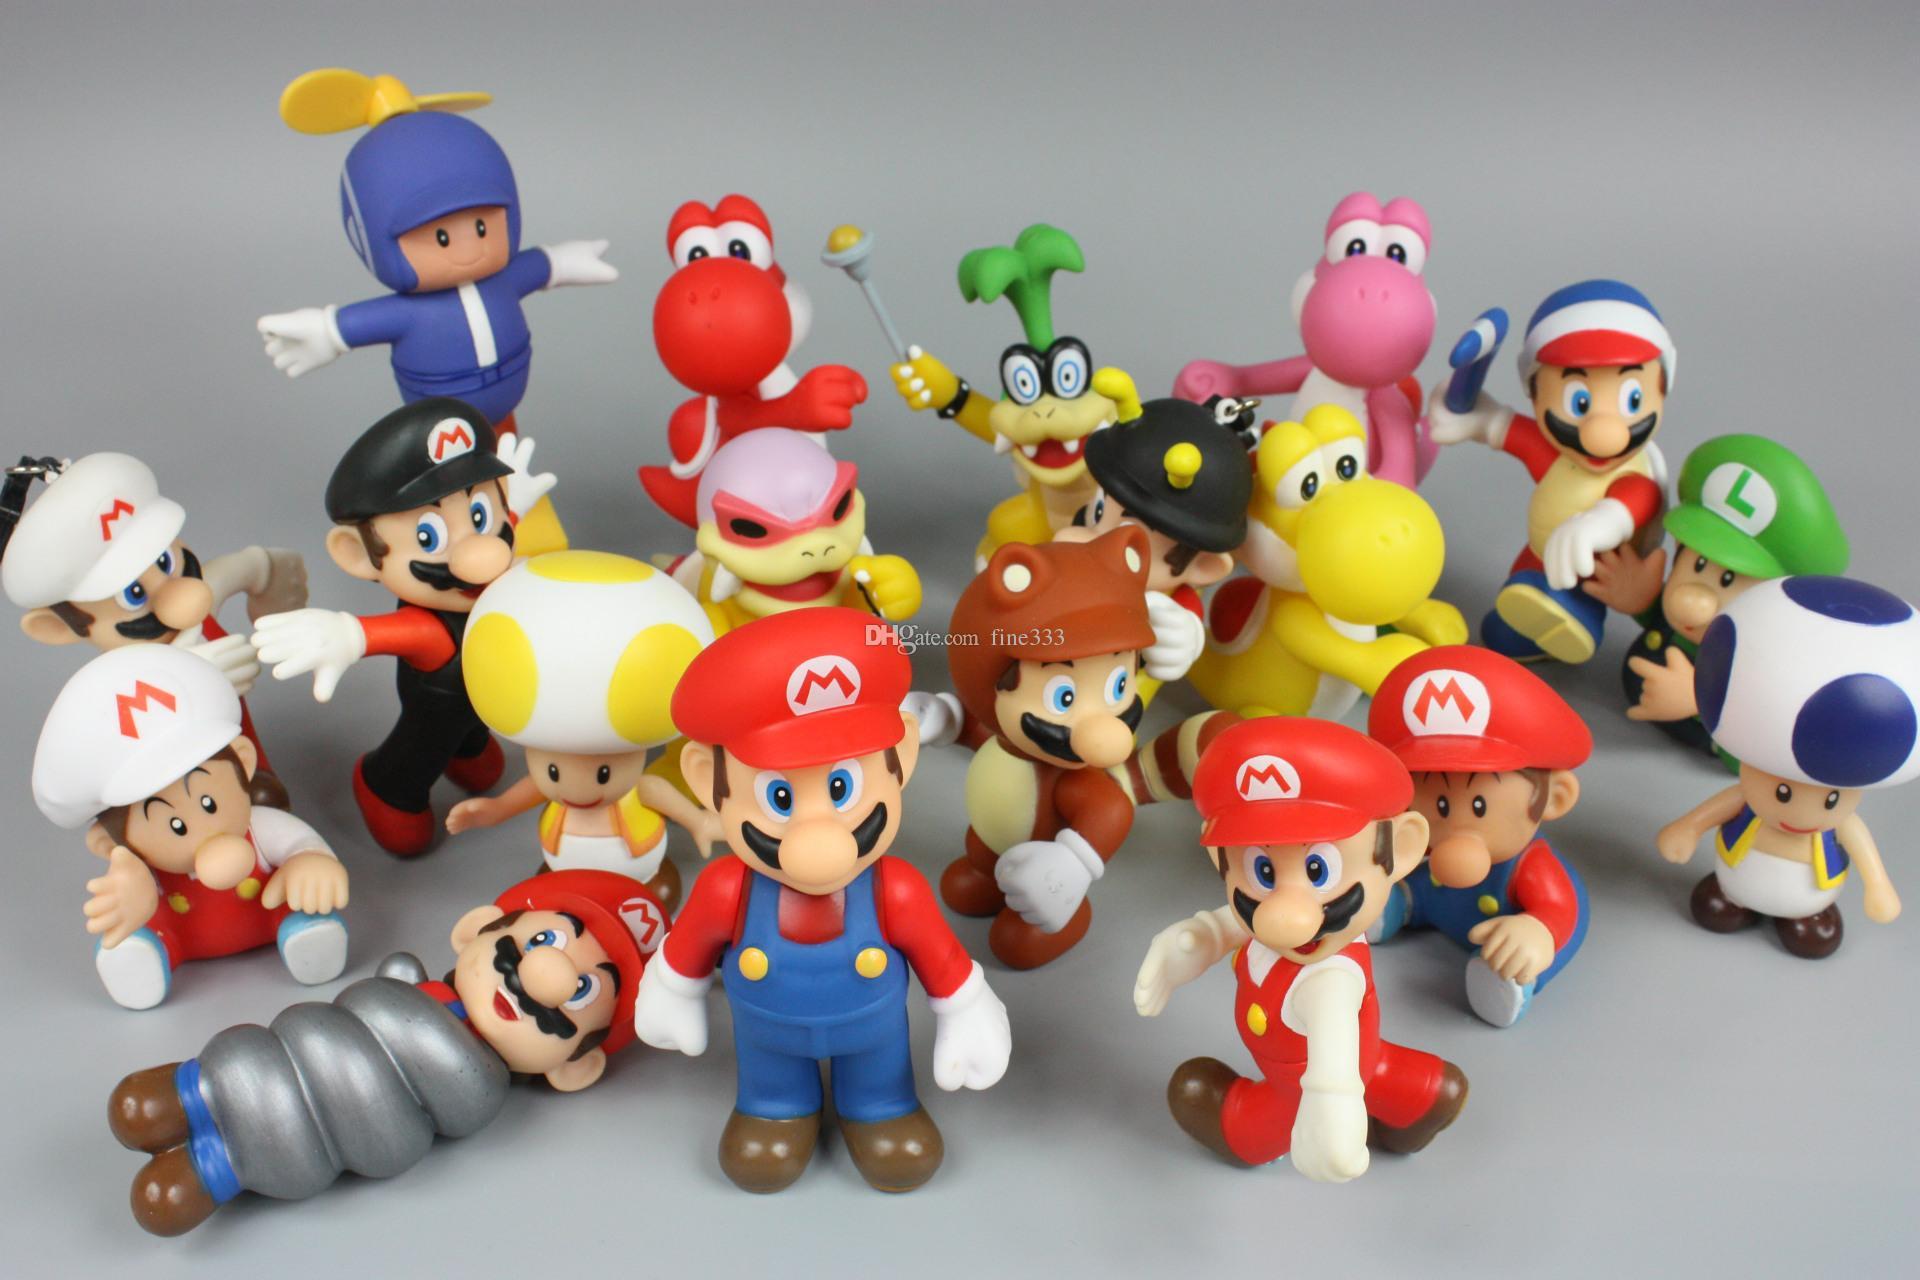 Super Mario Bros Figuras De Acao Original 4 3 Polegada Super Mario Boneca Brinquedos 20 Modelos De Aleatoria Mix Lol